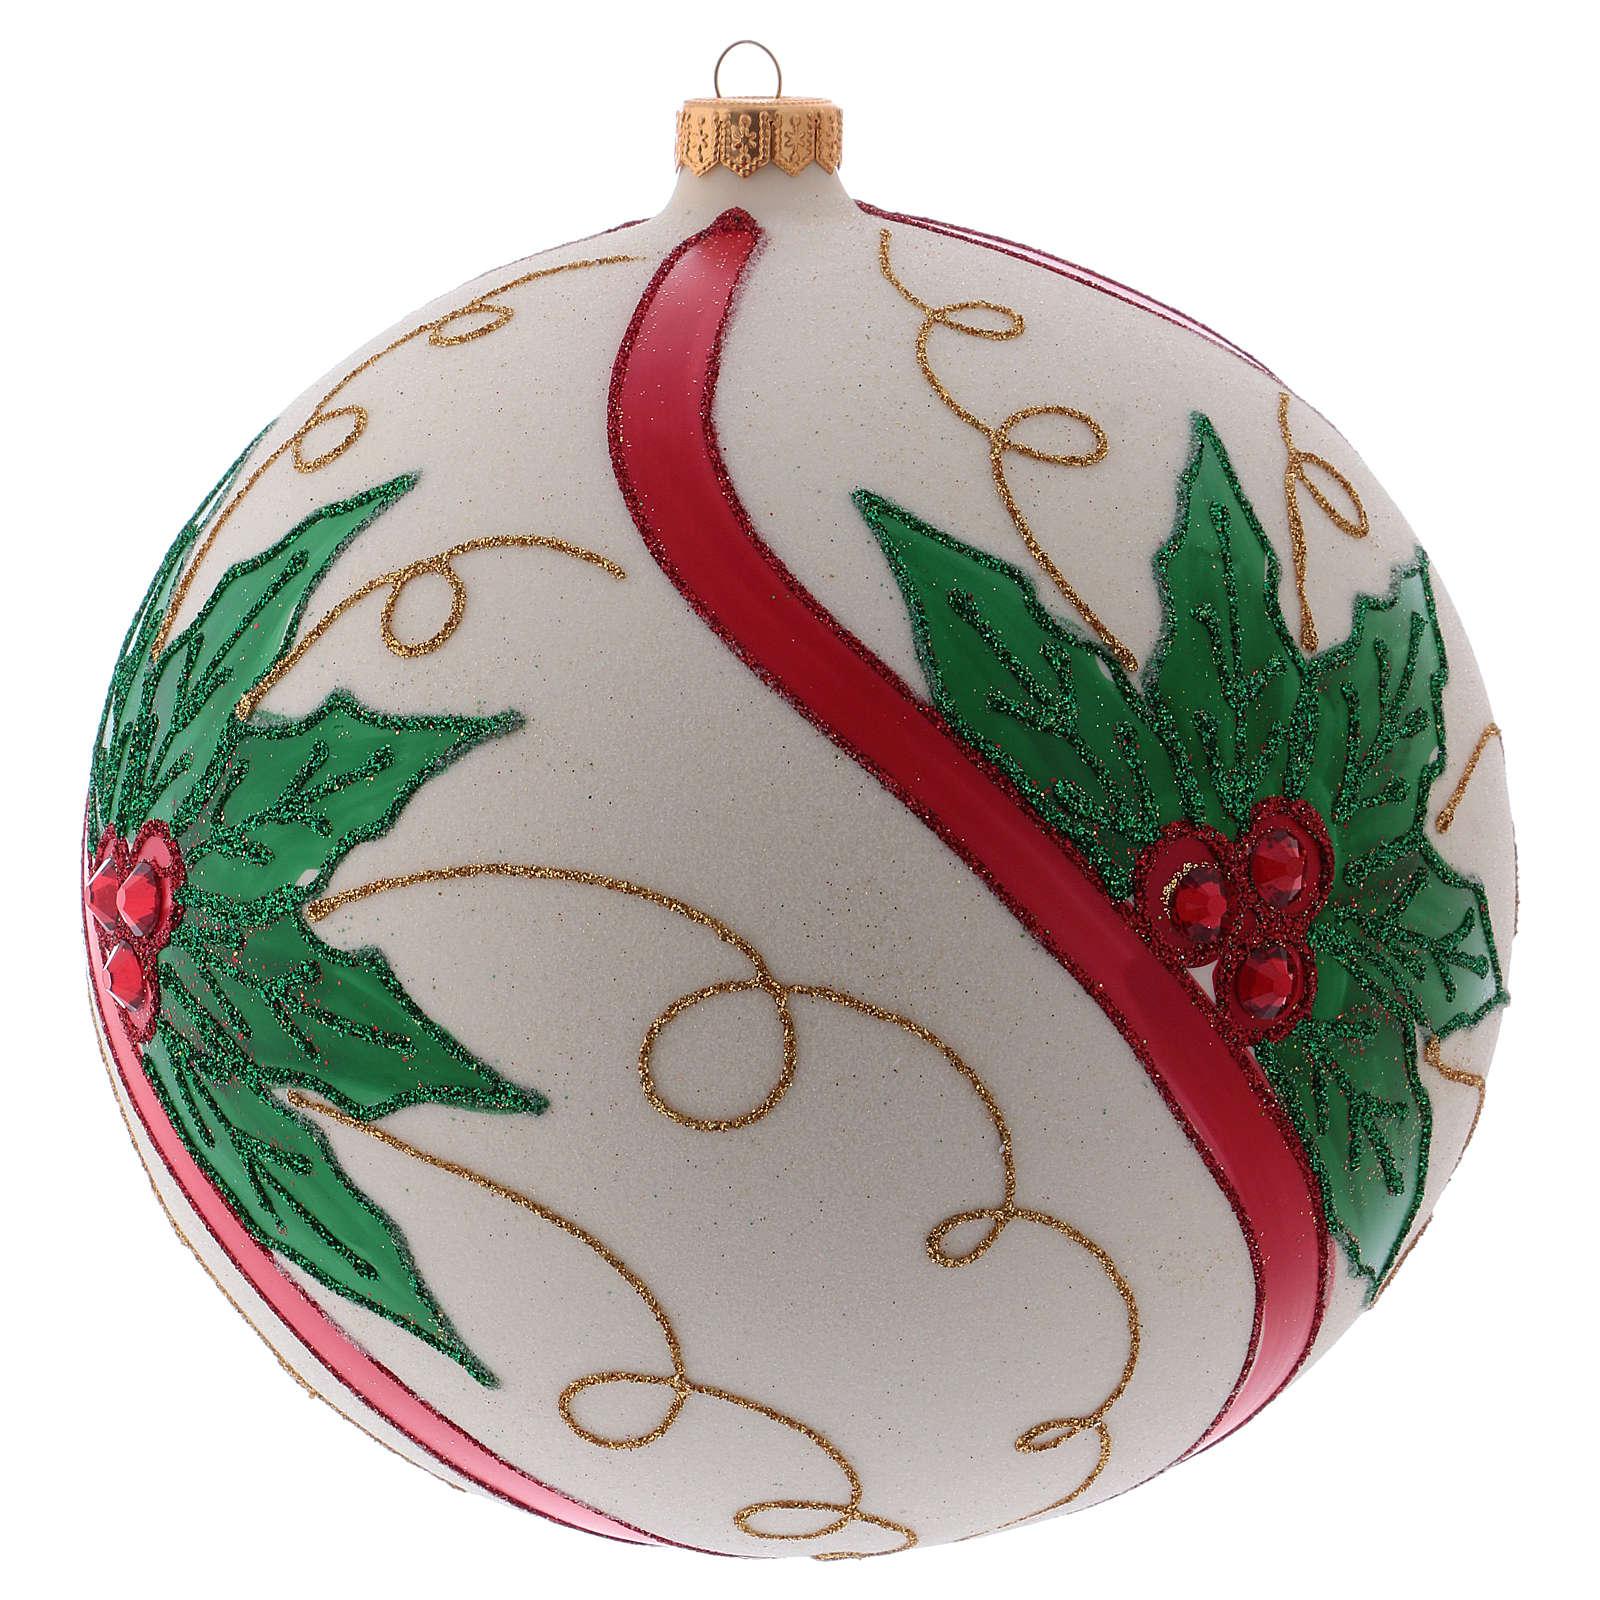 Weihnachtsbaumkugel aus mundgeblasenem Glas Grundton Cremeweiß mit Stechpalmenmotiv 200 mm 4